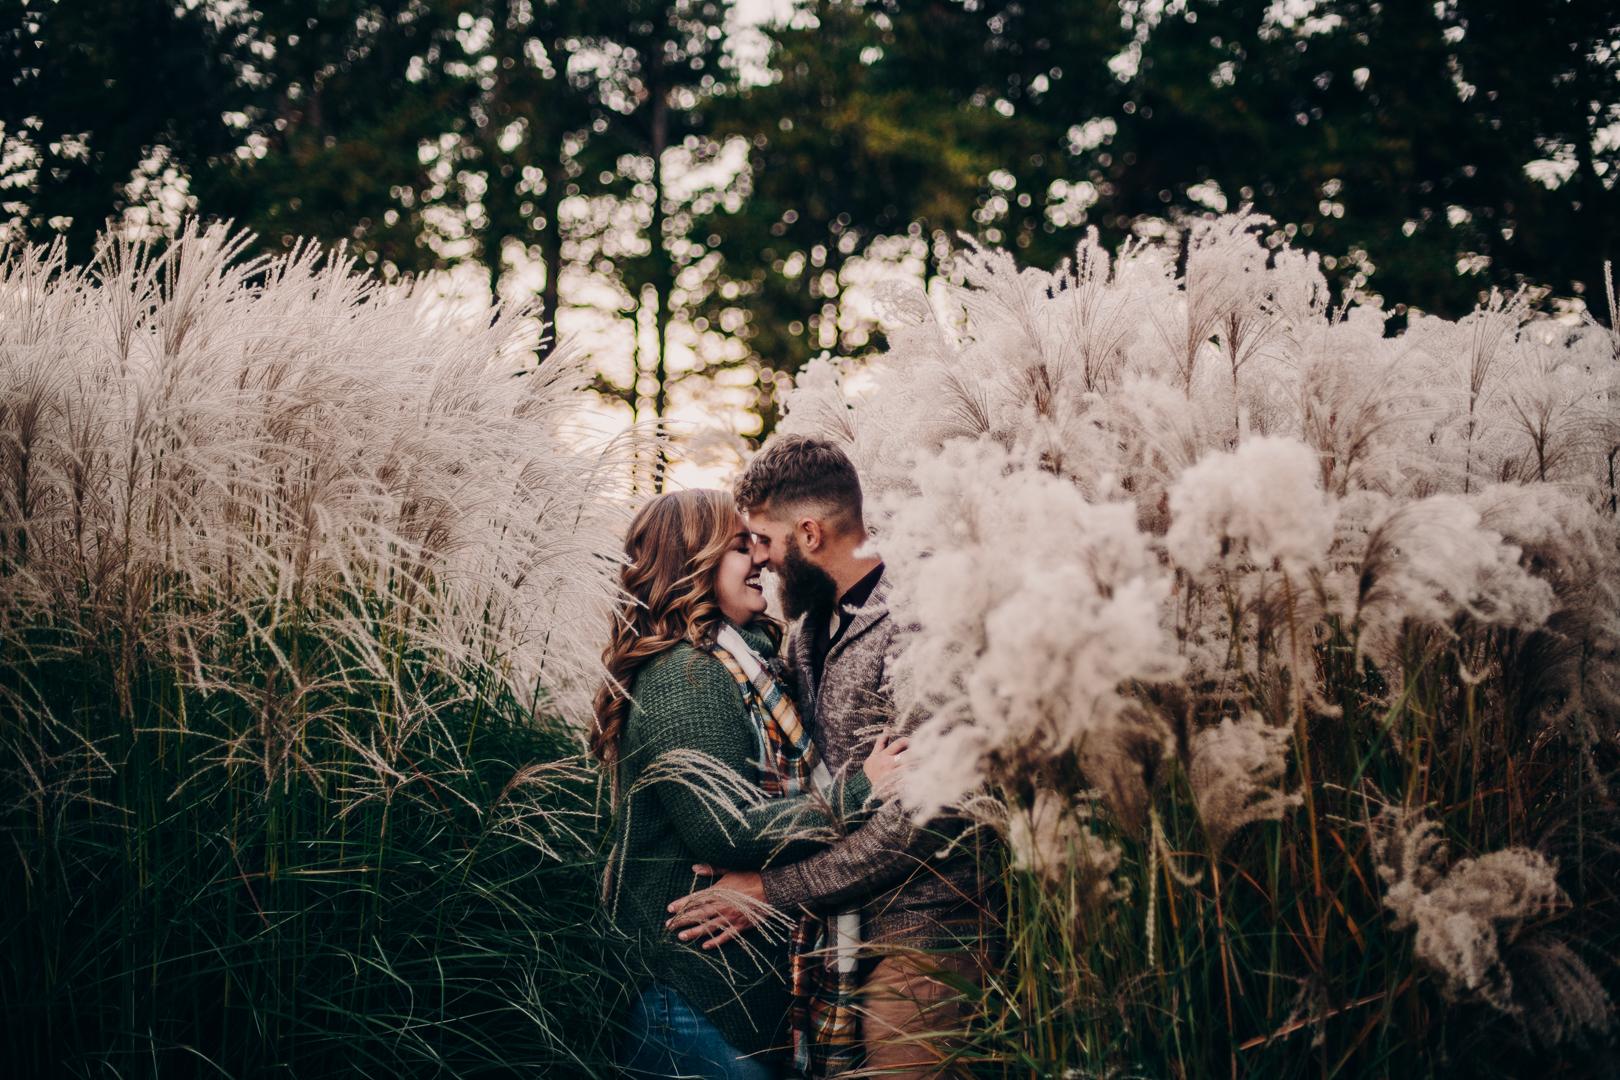 TerraSuraPhotography-Danielle & Ryan Engagemen-Web-8104.jpg